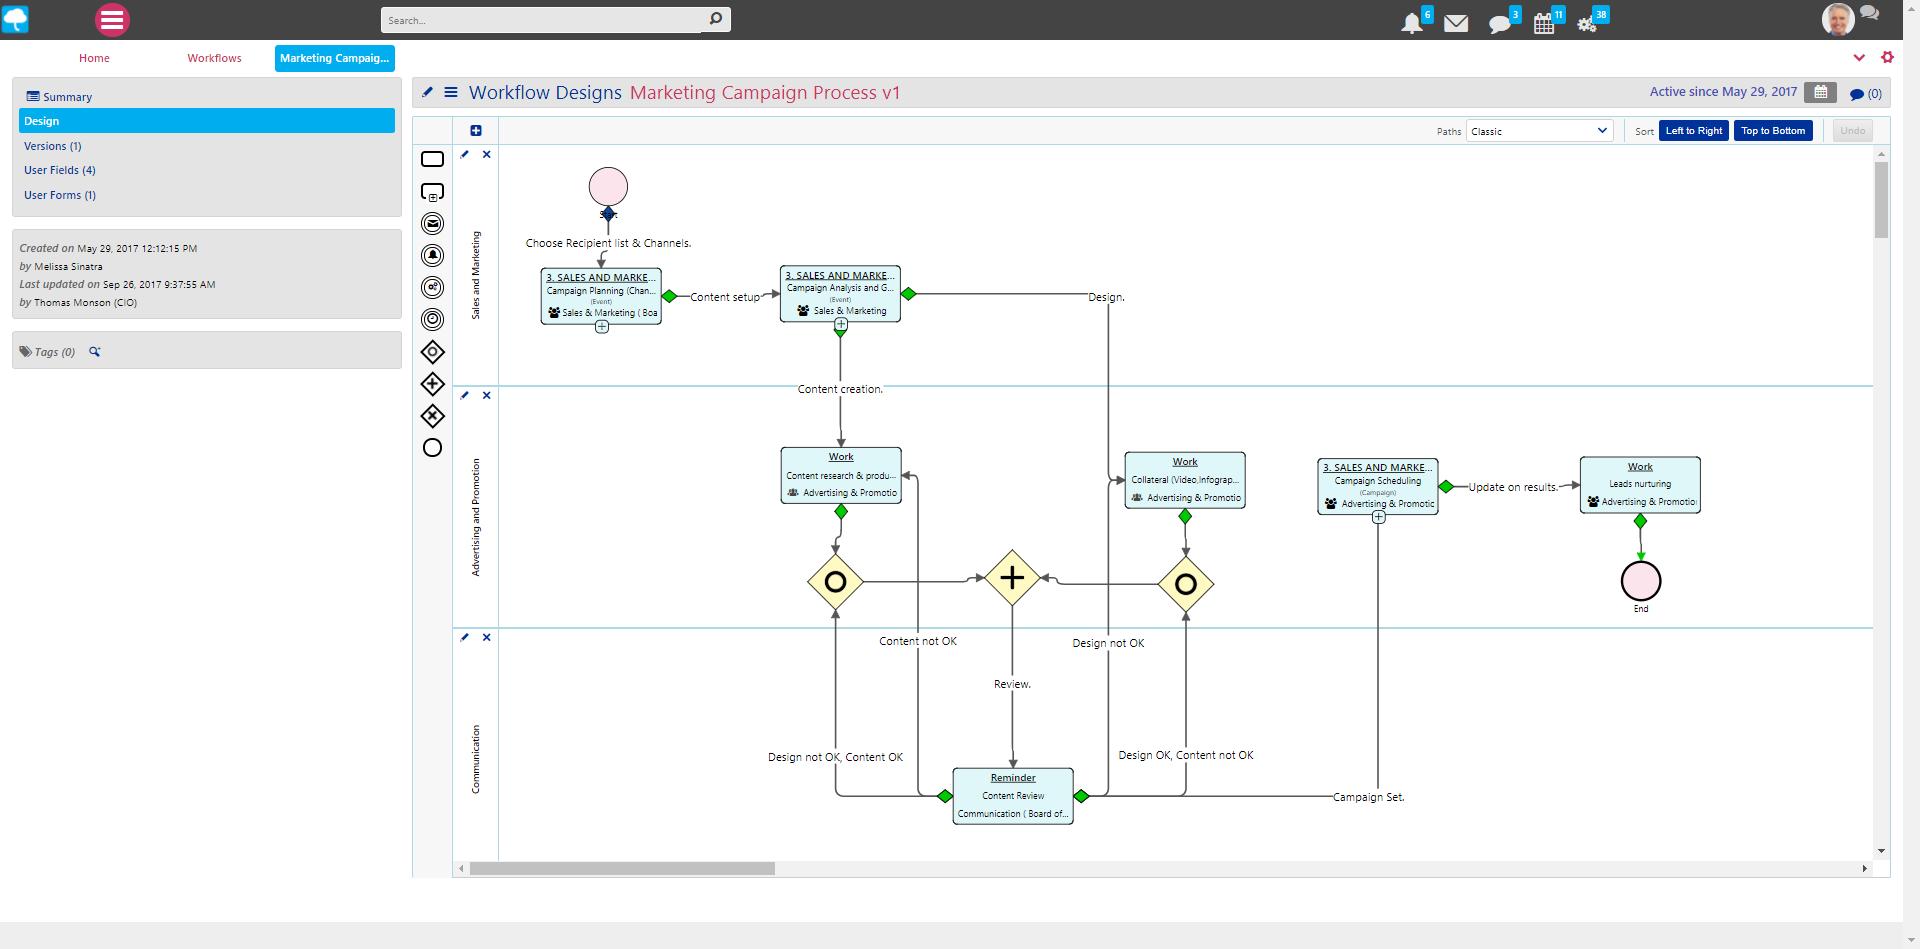 Comidor Demo - Workflow Modeller with BPMN 2.0